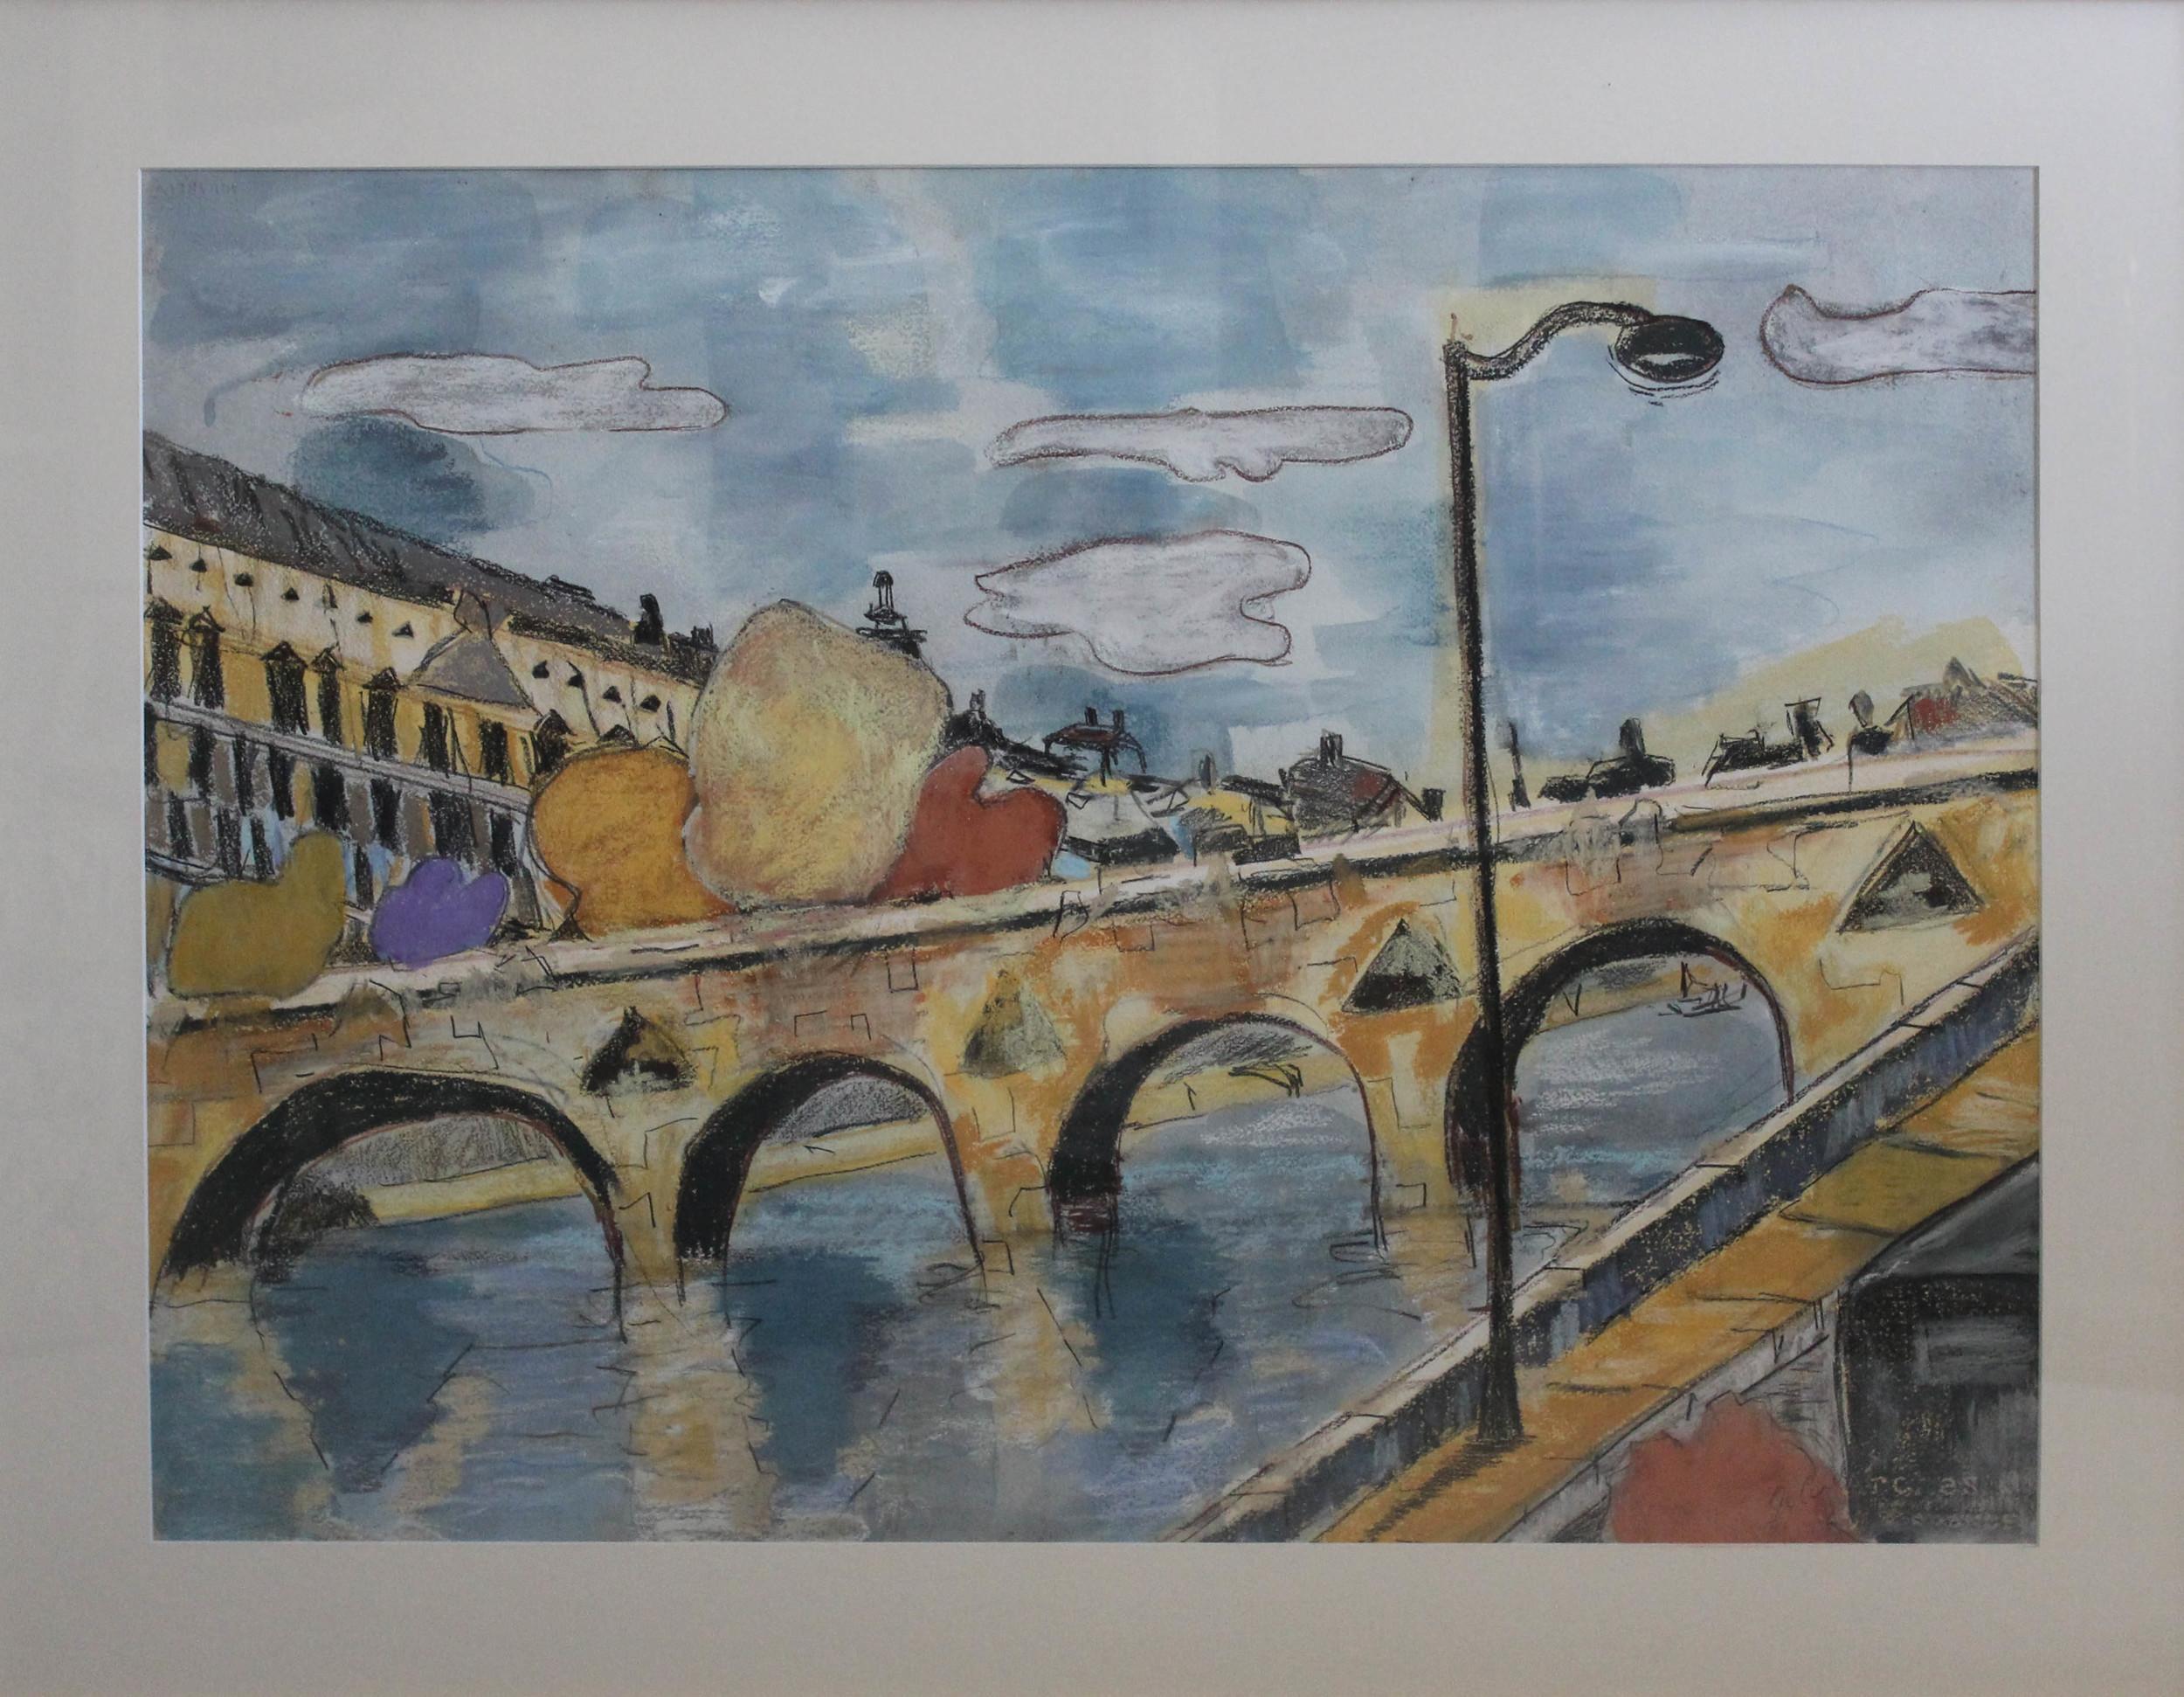 Paris Bridge, 940 x 740 mm